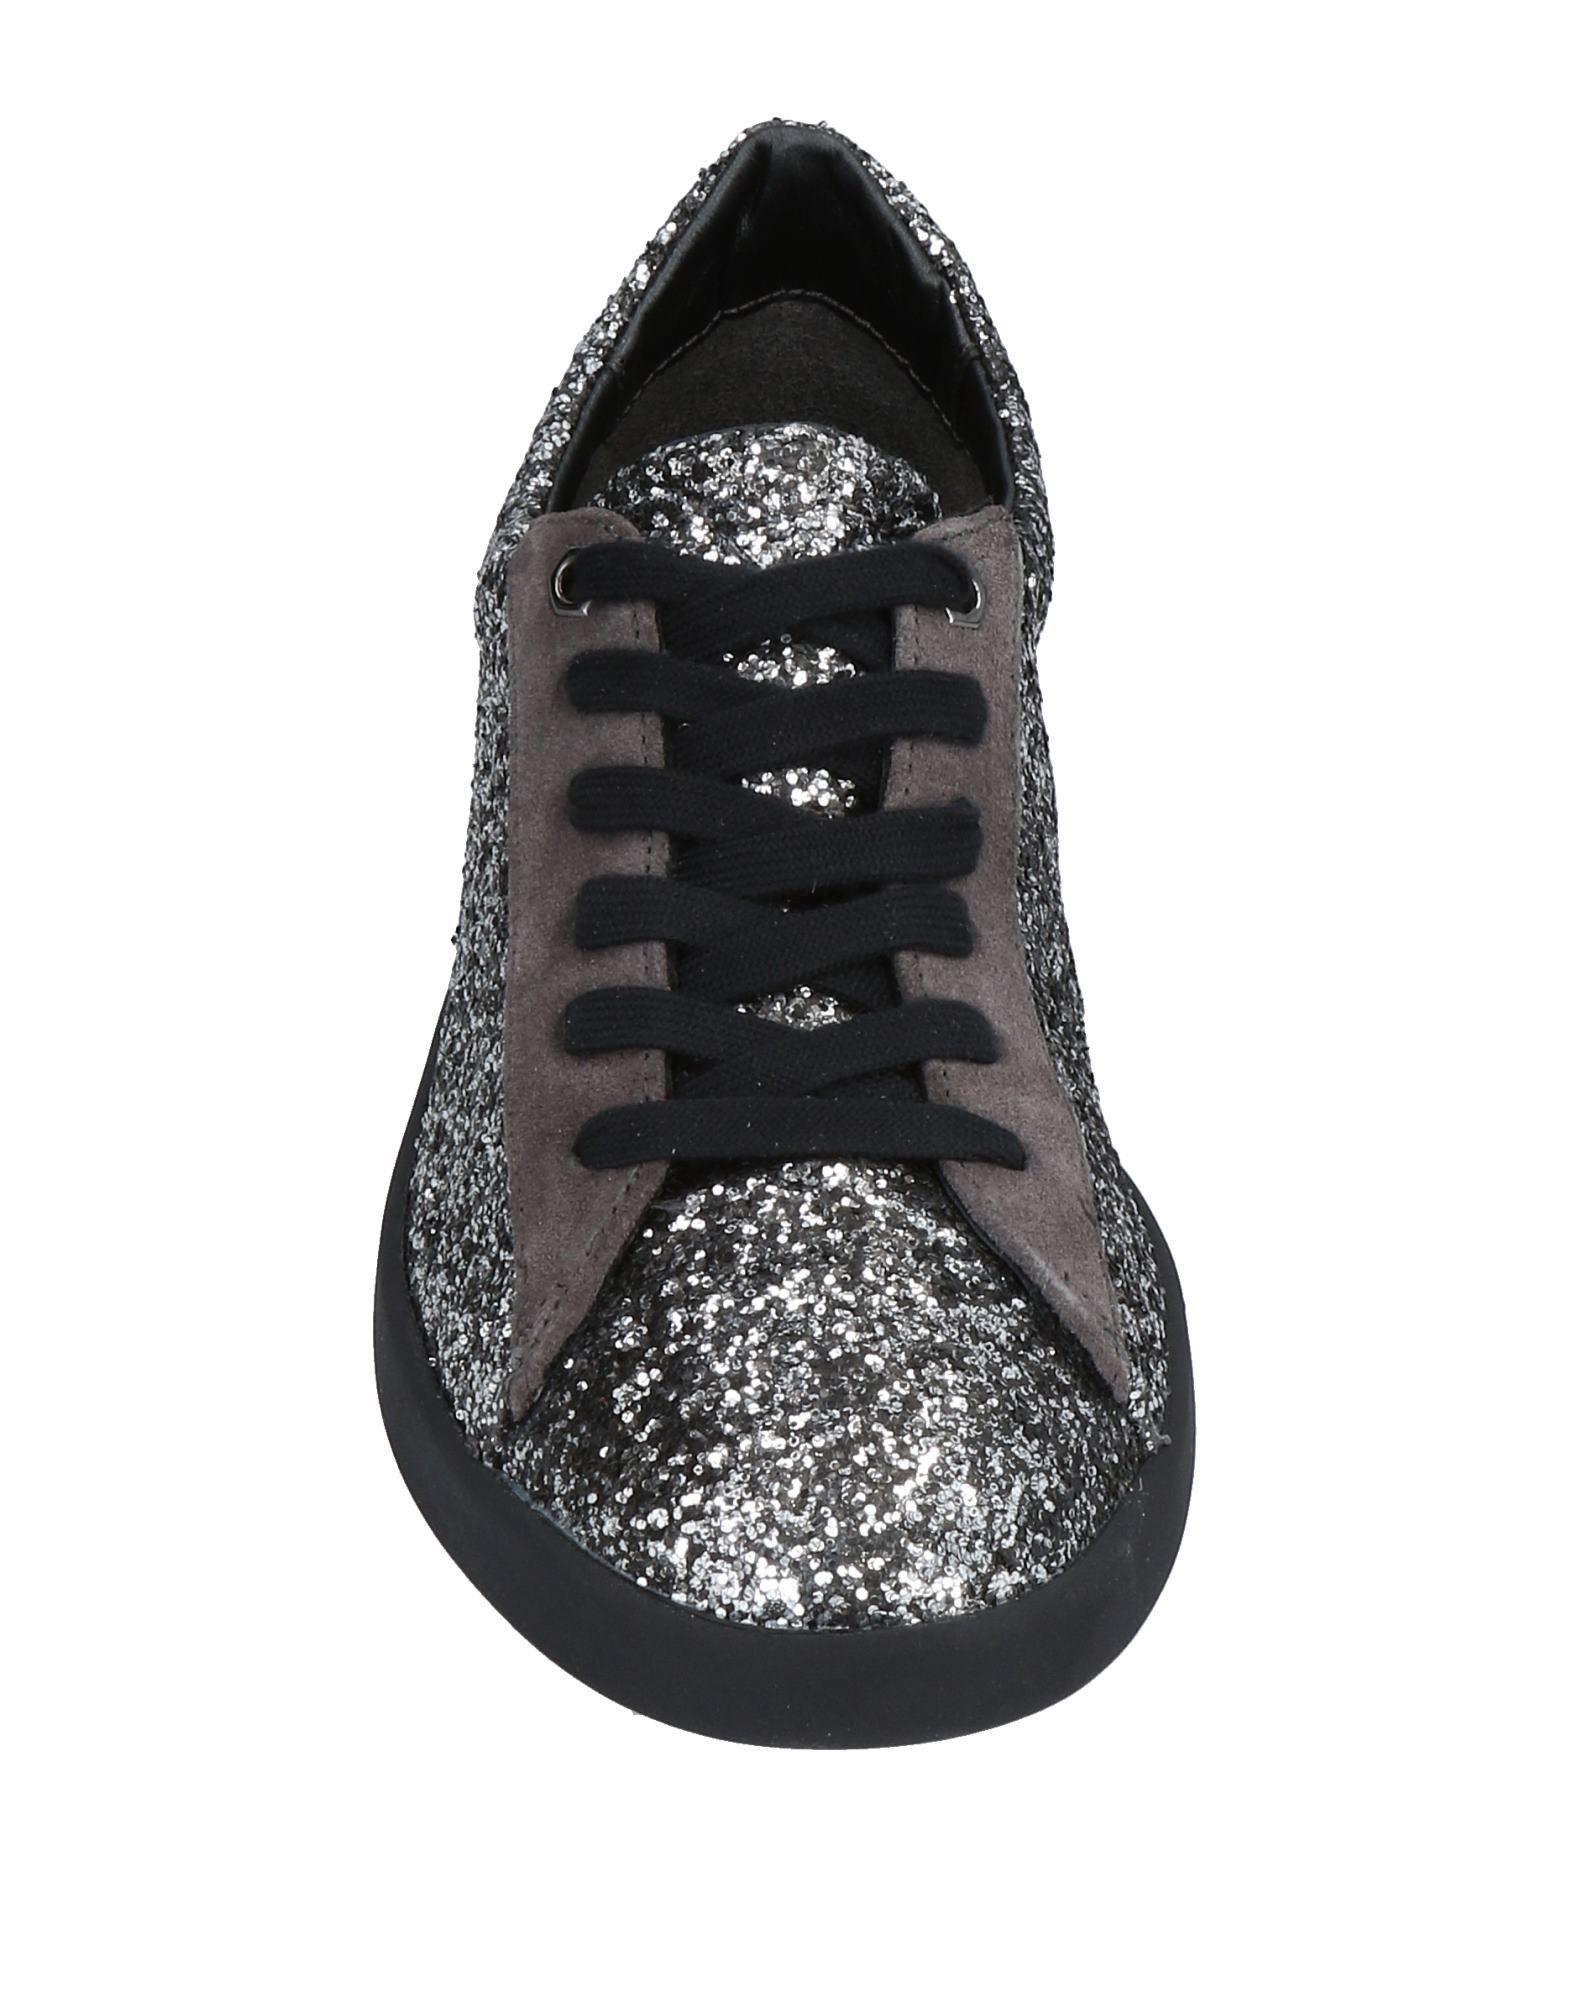 Diesel Sneakers Damen Qualität  11491435MM Gute Qualität Damen beliebte Schuhe 1b167c